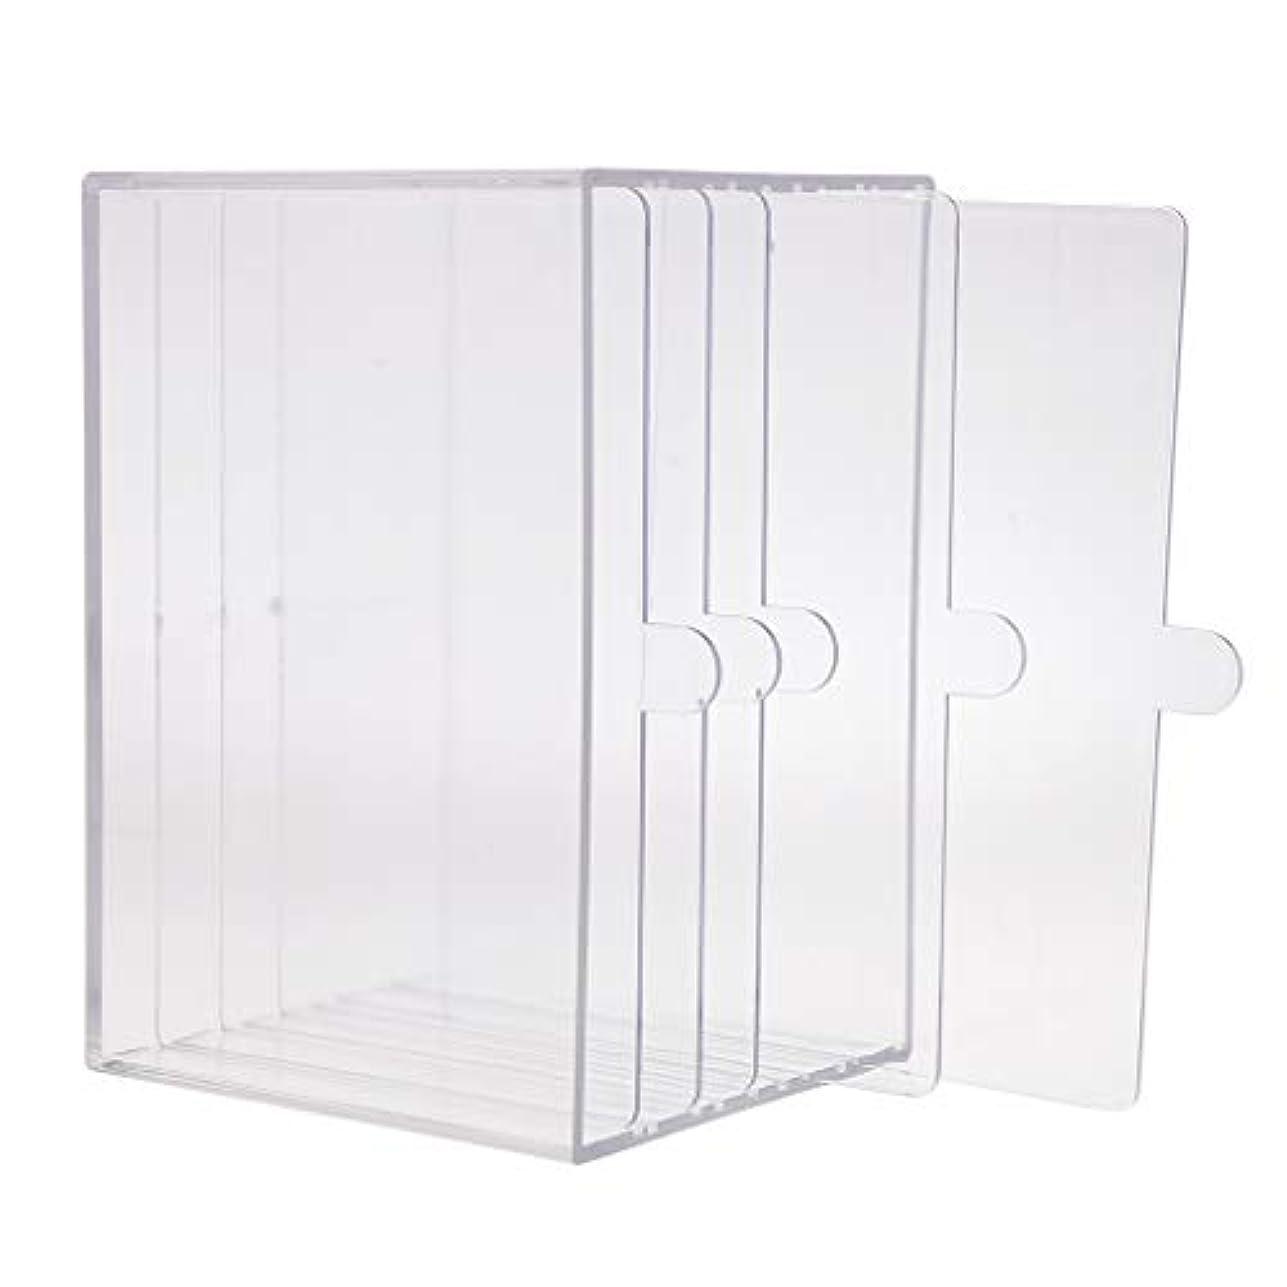 アーサー出版成熟したネイルアート ディスプレイケース 収納ボックス ネイルチップ 収納容器 サロンツール プロ用